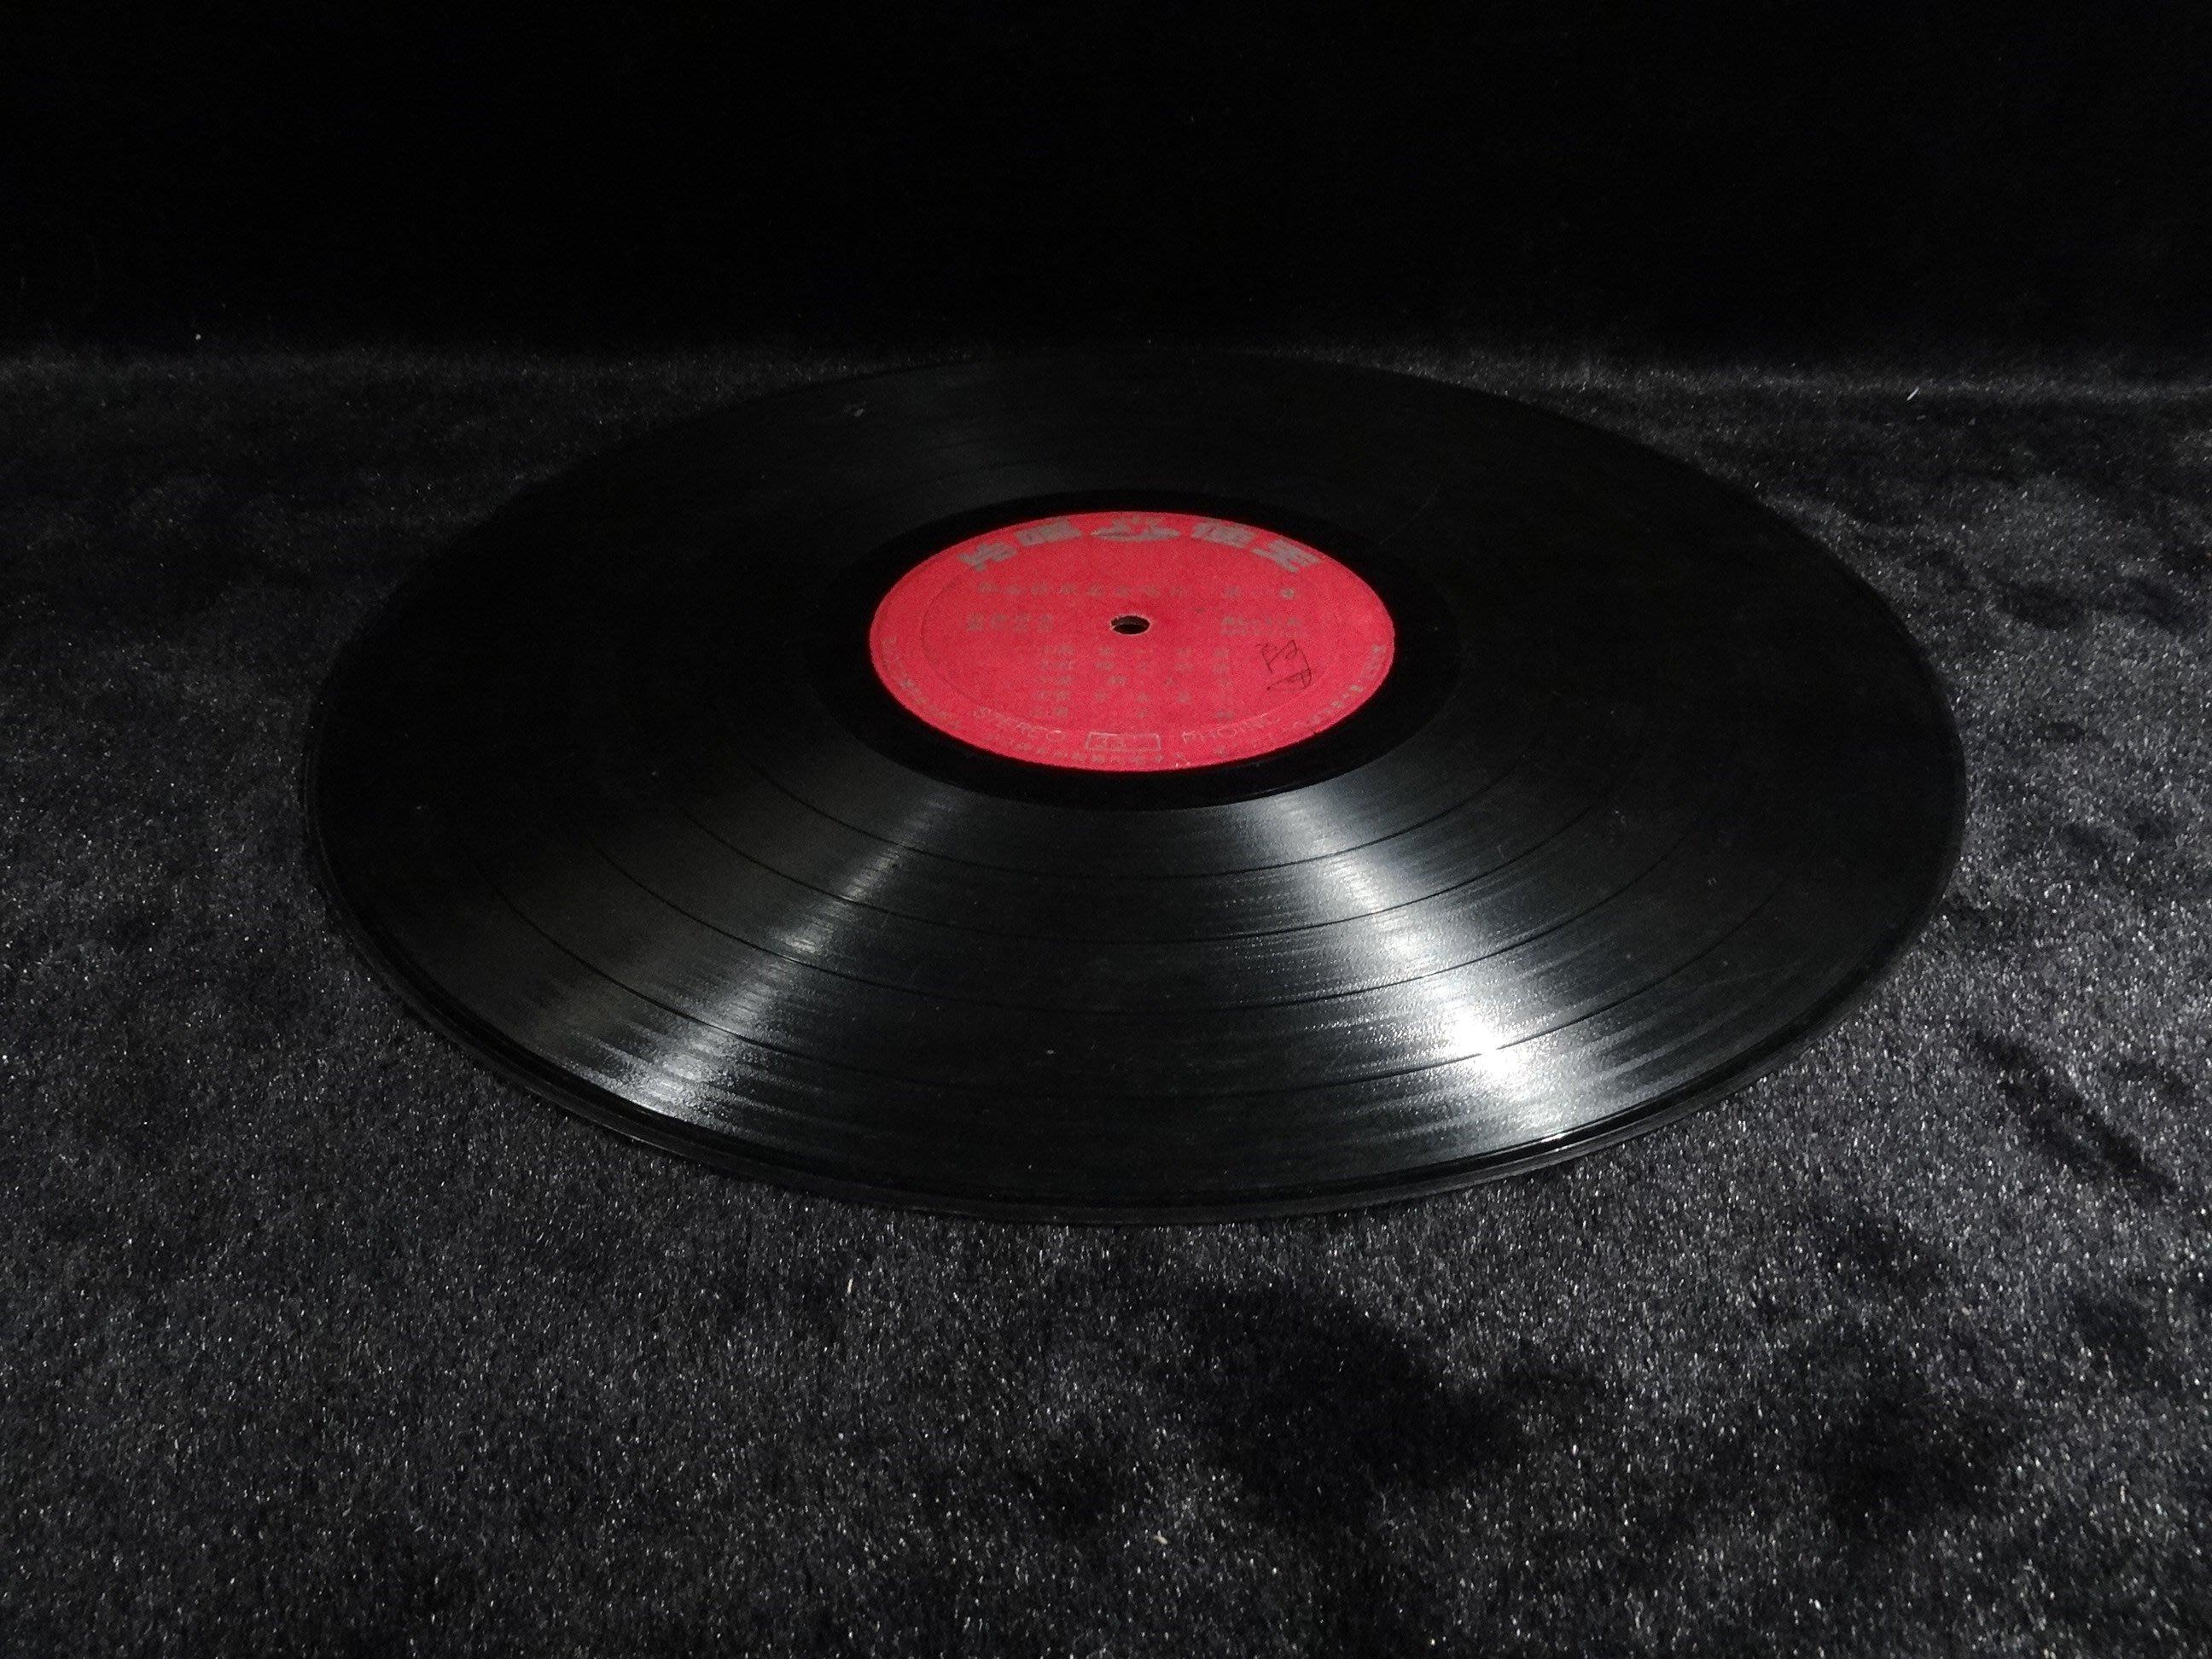 乖乖@賣場(LP黑膠唱片)12吋裸片台語黑膠 郭金發成名金唱片第一集最後一封信 為伊走千里